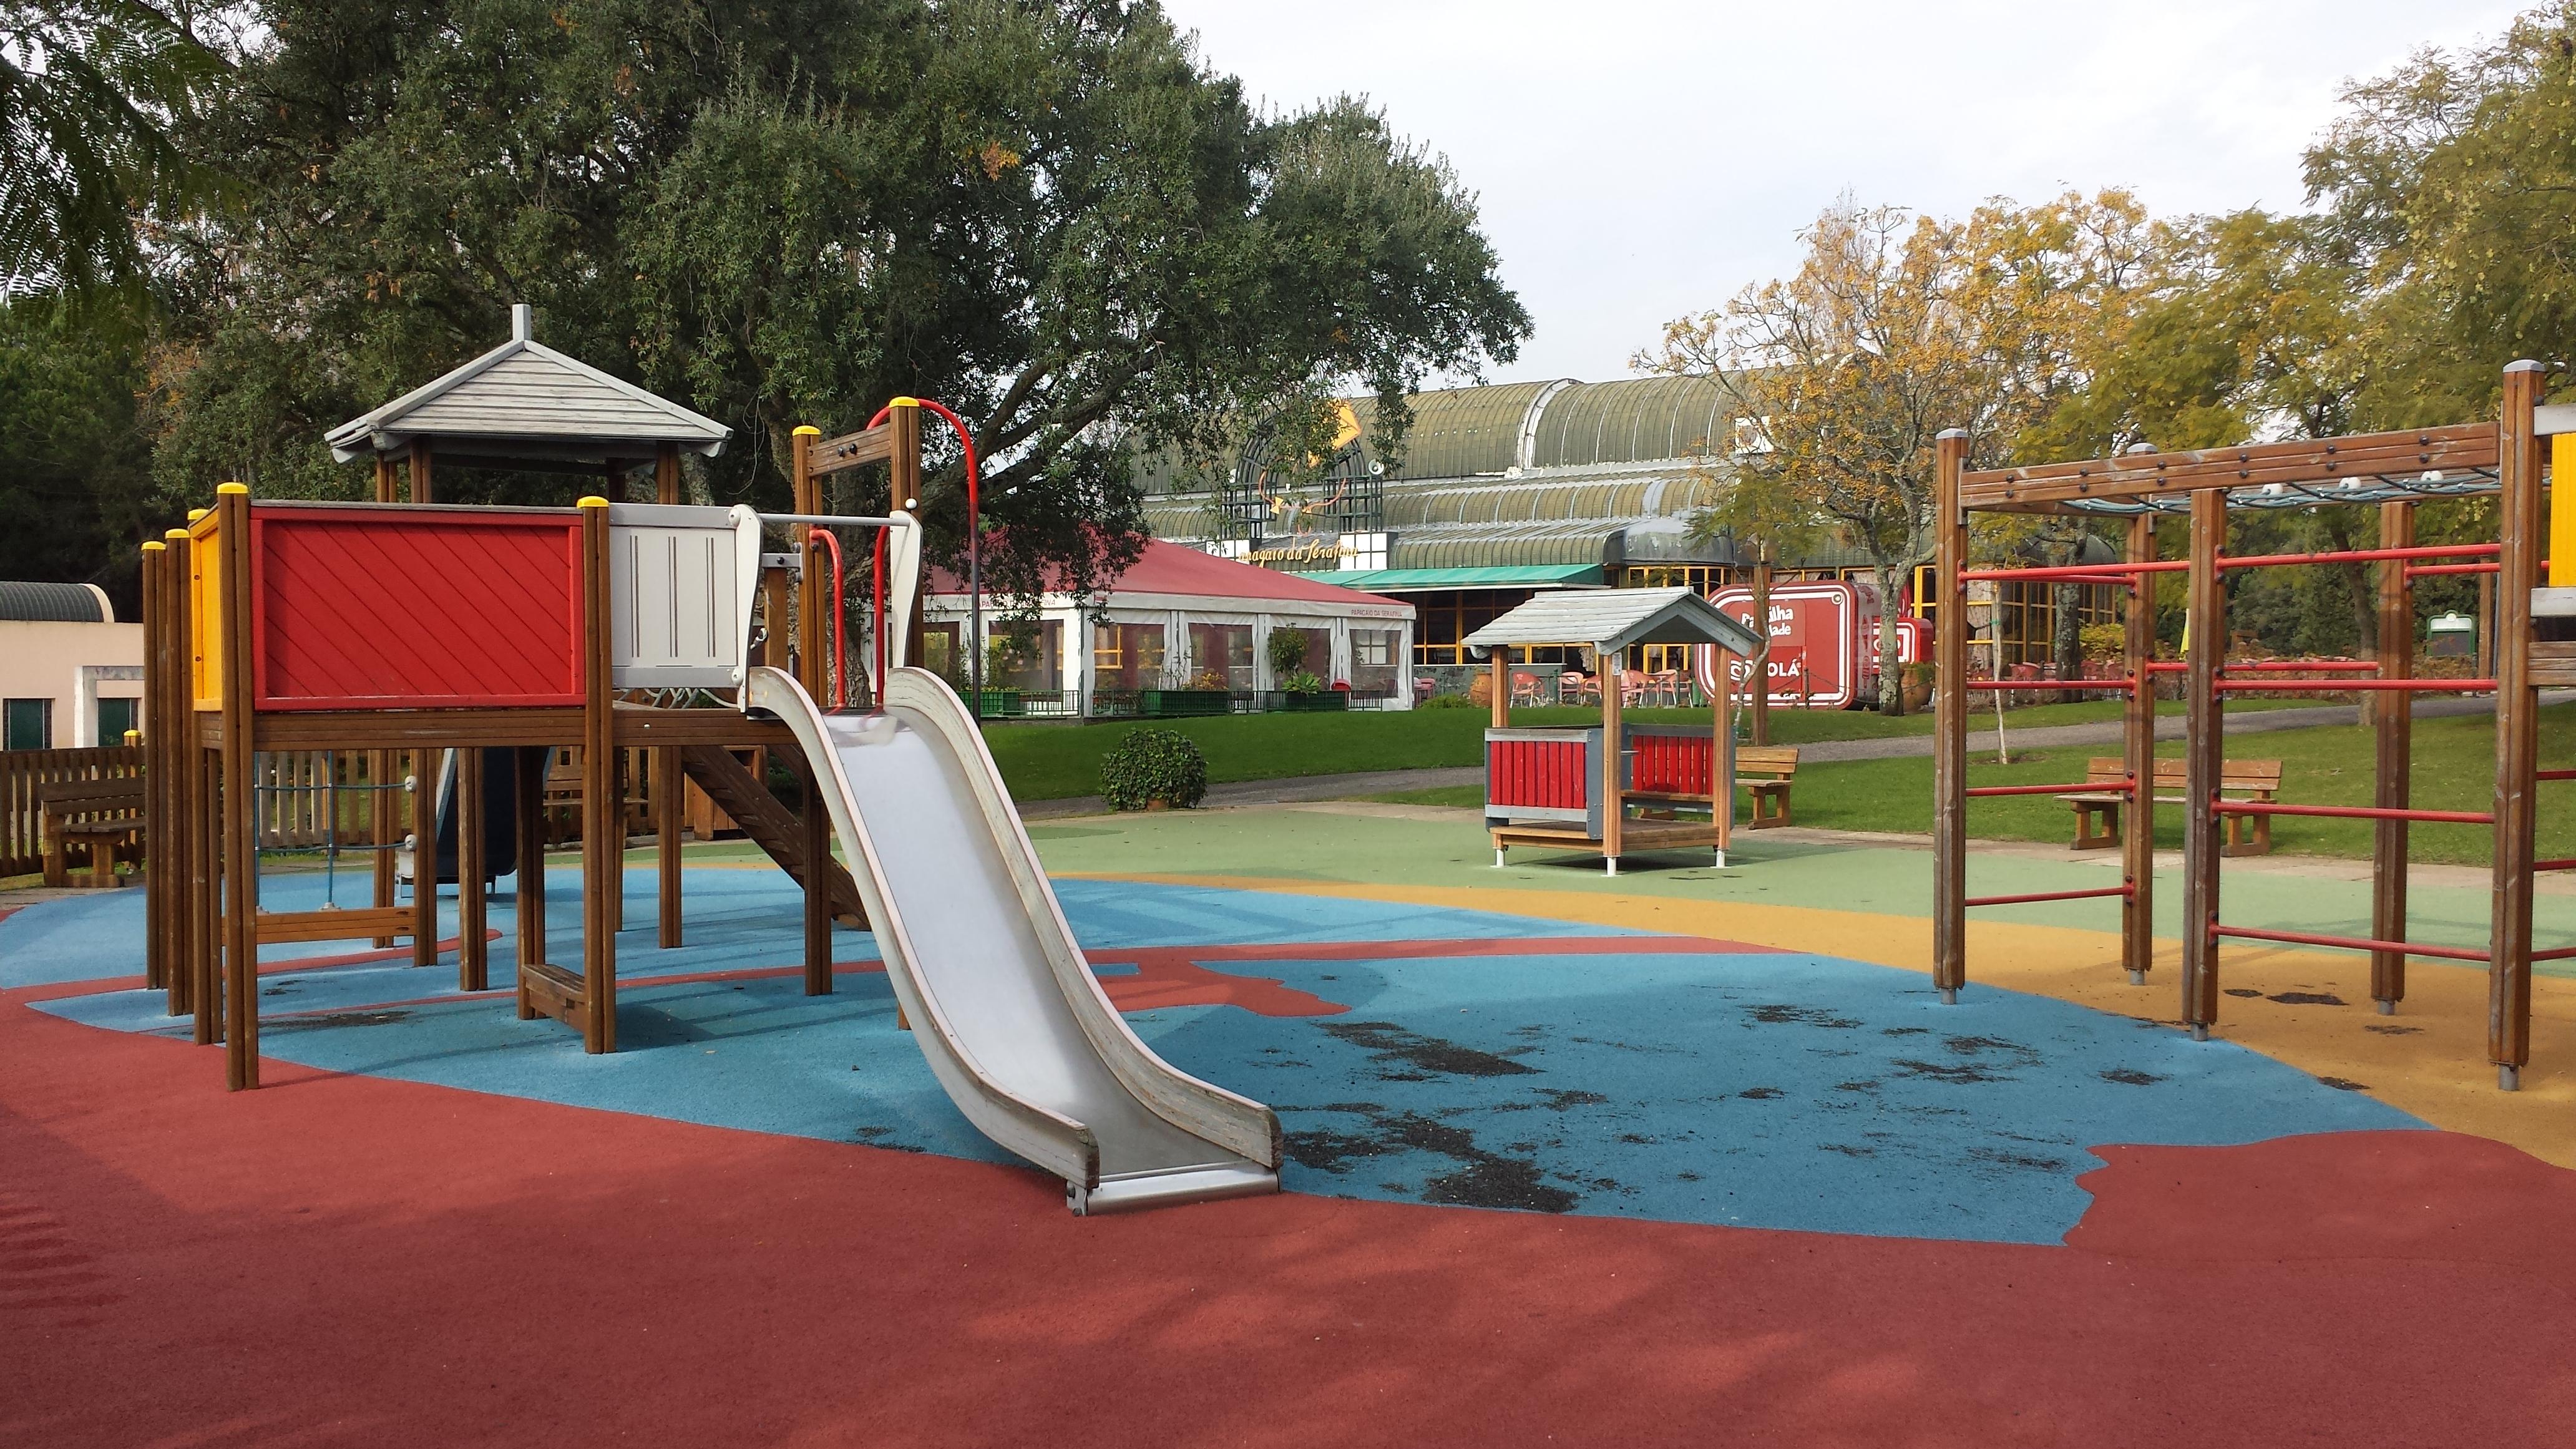 Sítios a visitar com crianças e toda a família: Parque da serafina